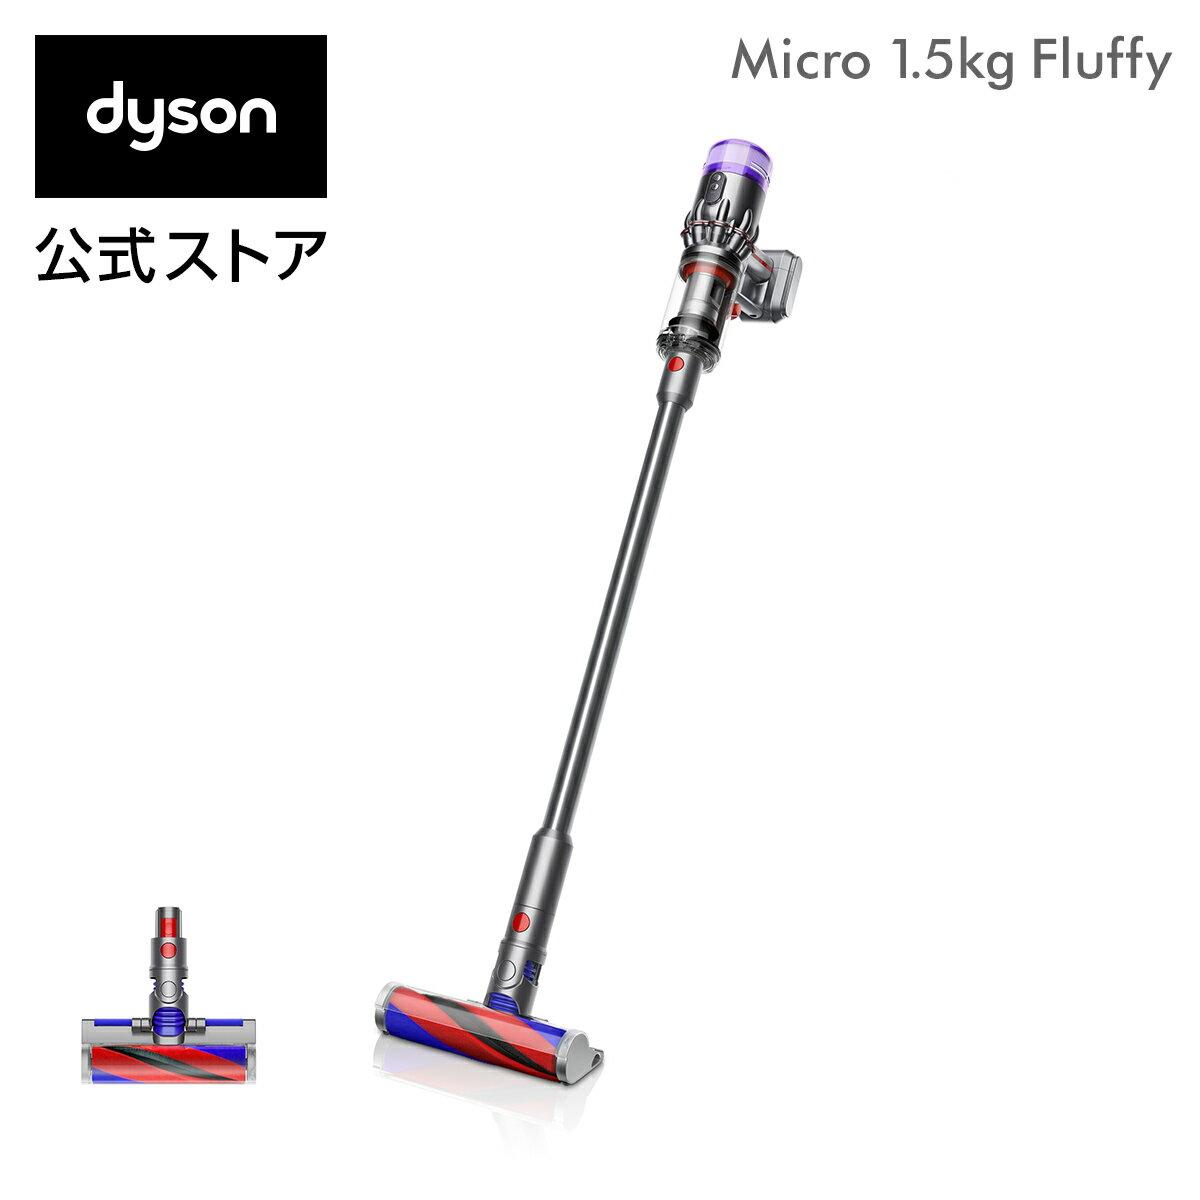 画像1: 【ダイソン掃除機おすすめ】最軽量のコードレスクリーナーDyson Microはわずか1.5kg!吸引力は変わらず高性能